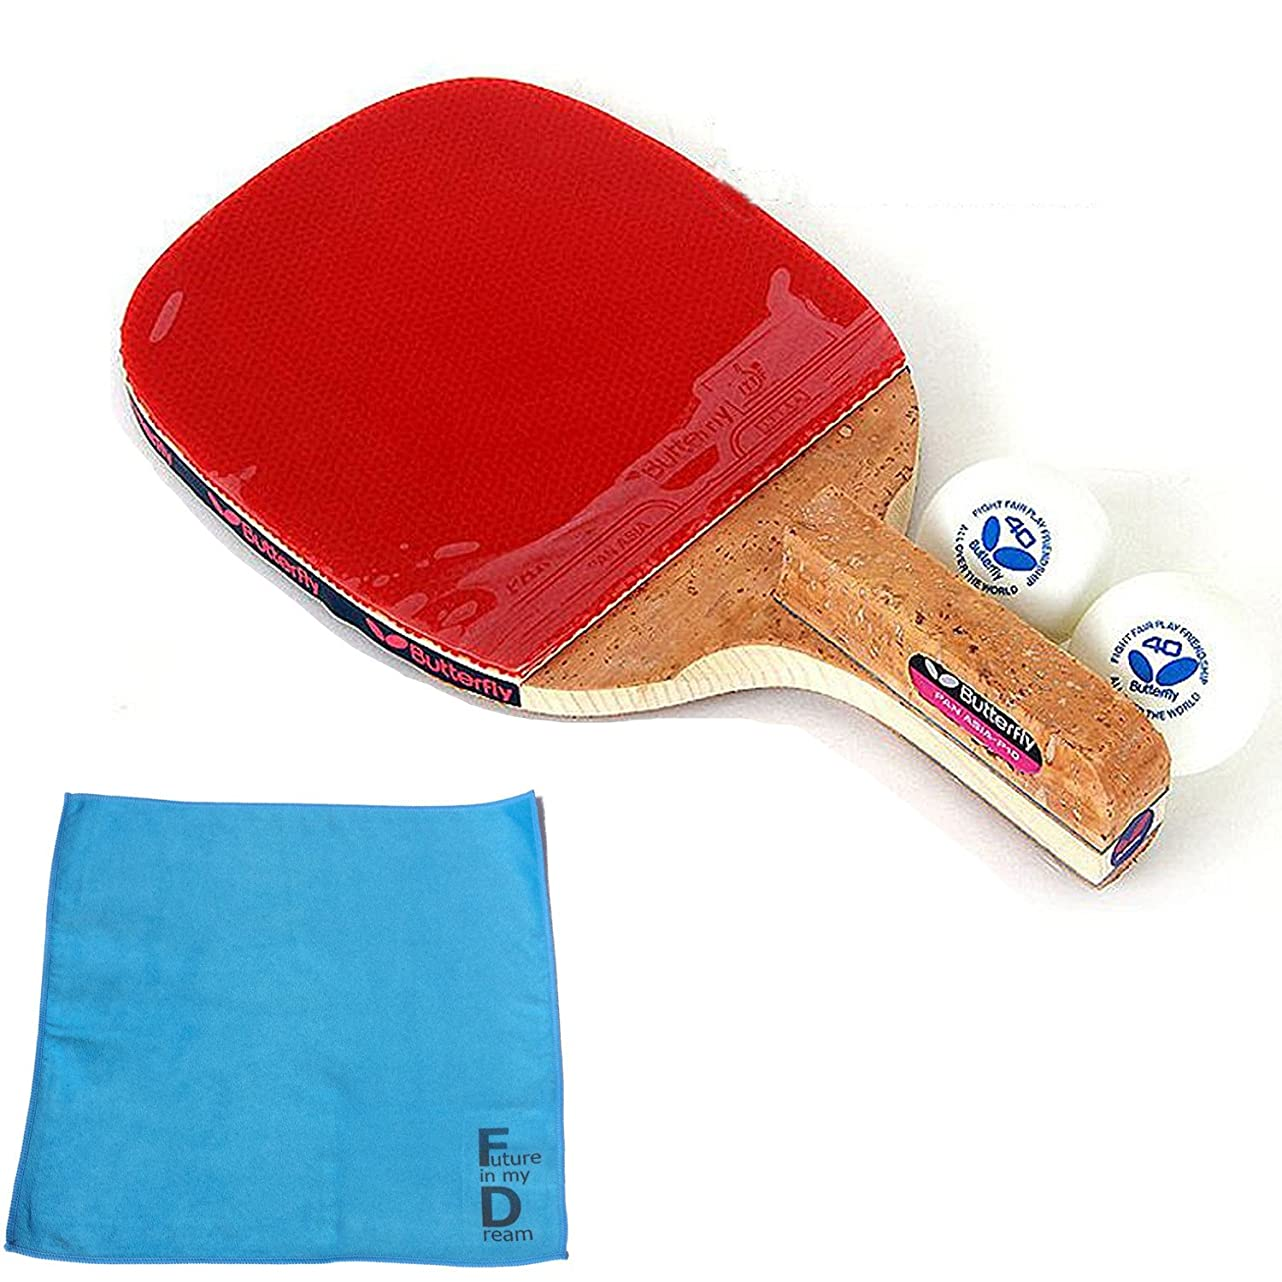 ニックネーム尊厳日付付きバタフライ(Butterfly) PAN ASIA-P10 卓球 ラケット ペングリップタイプ (ラケット、ボール2個、オリジナル スポーツタオル1枚)